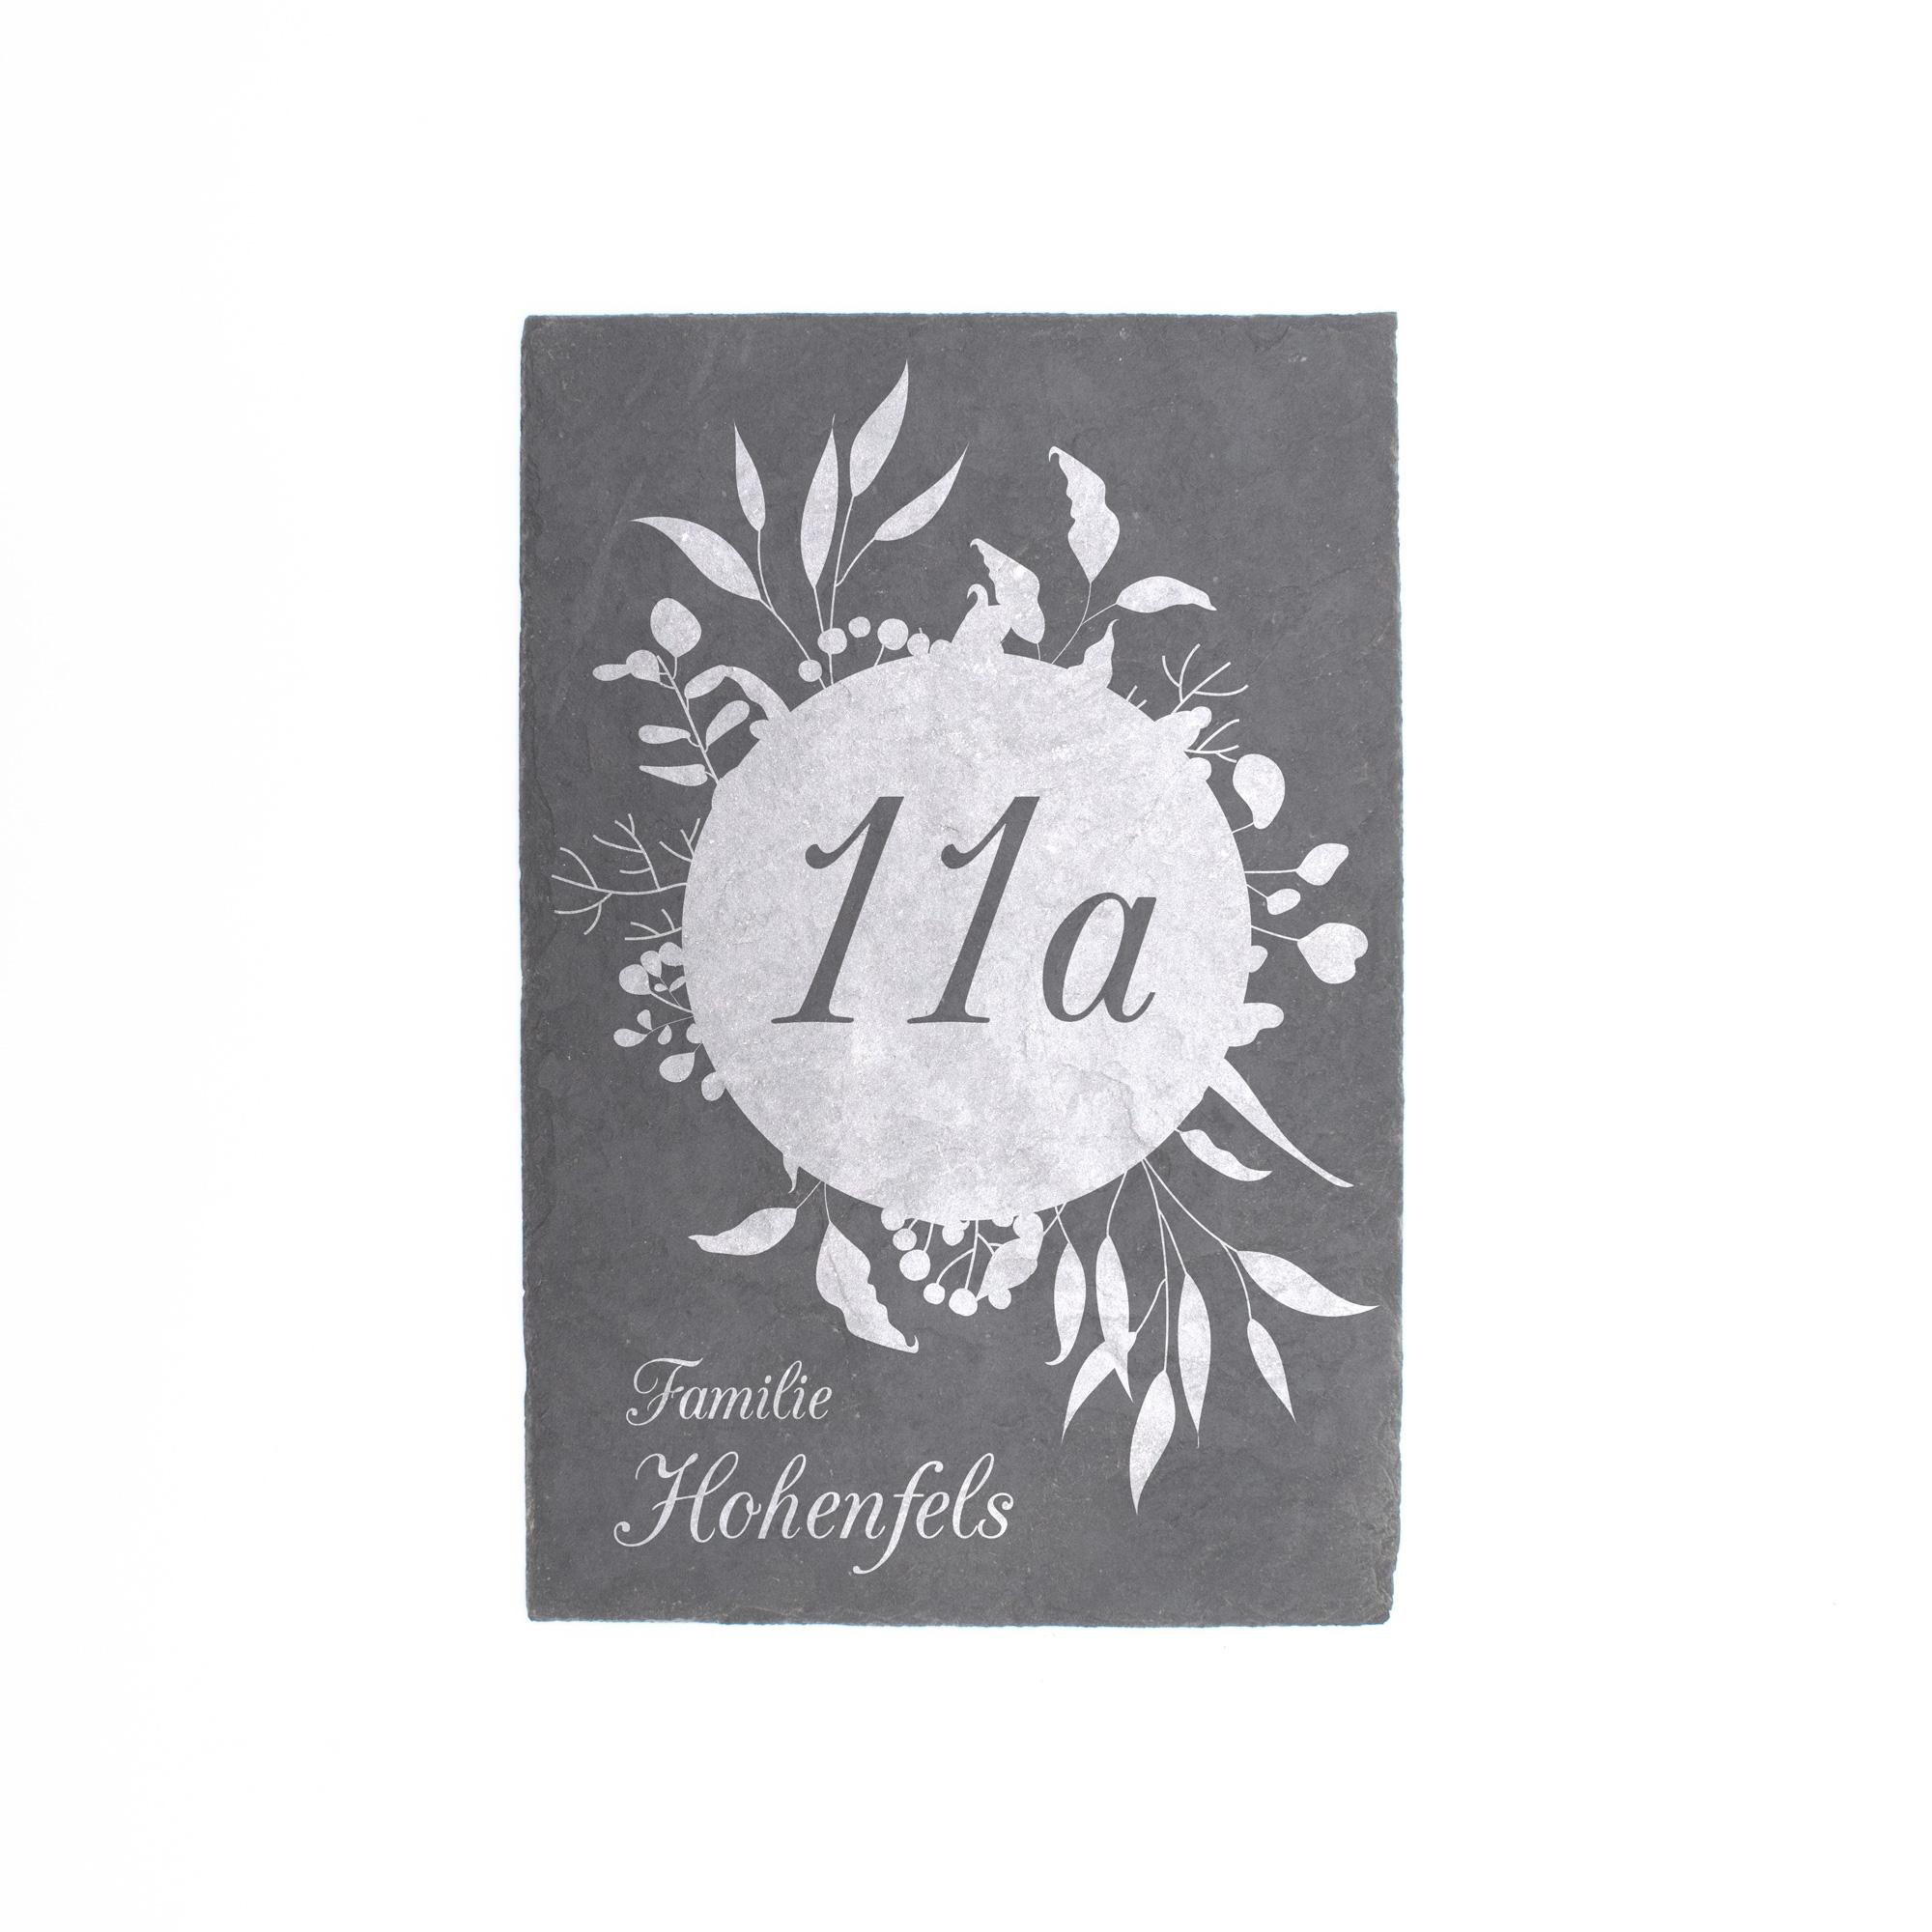 Persönliches Türschild aus Schieferplatte mit Hausnummer und Familiennamen graviert in edlem floralem Design, frontal